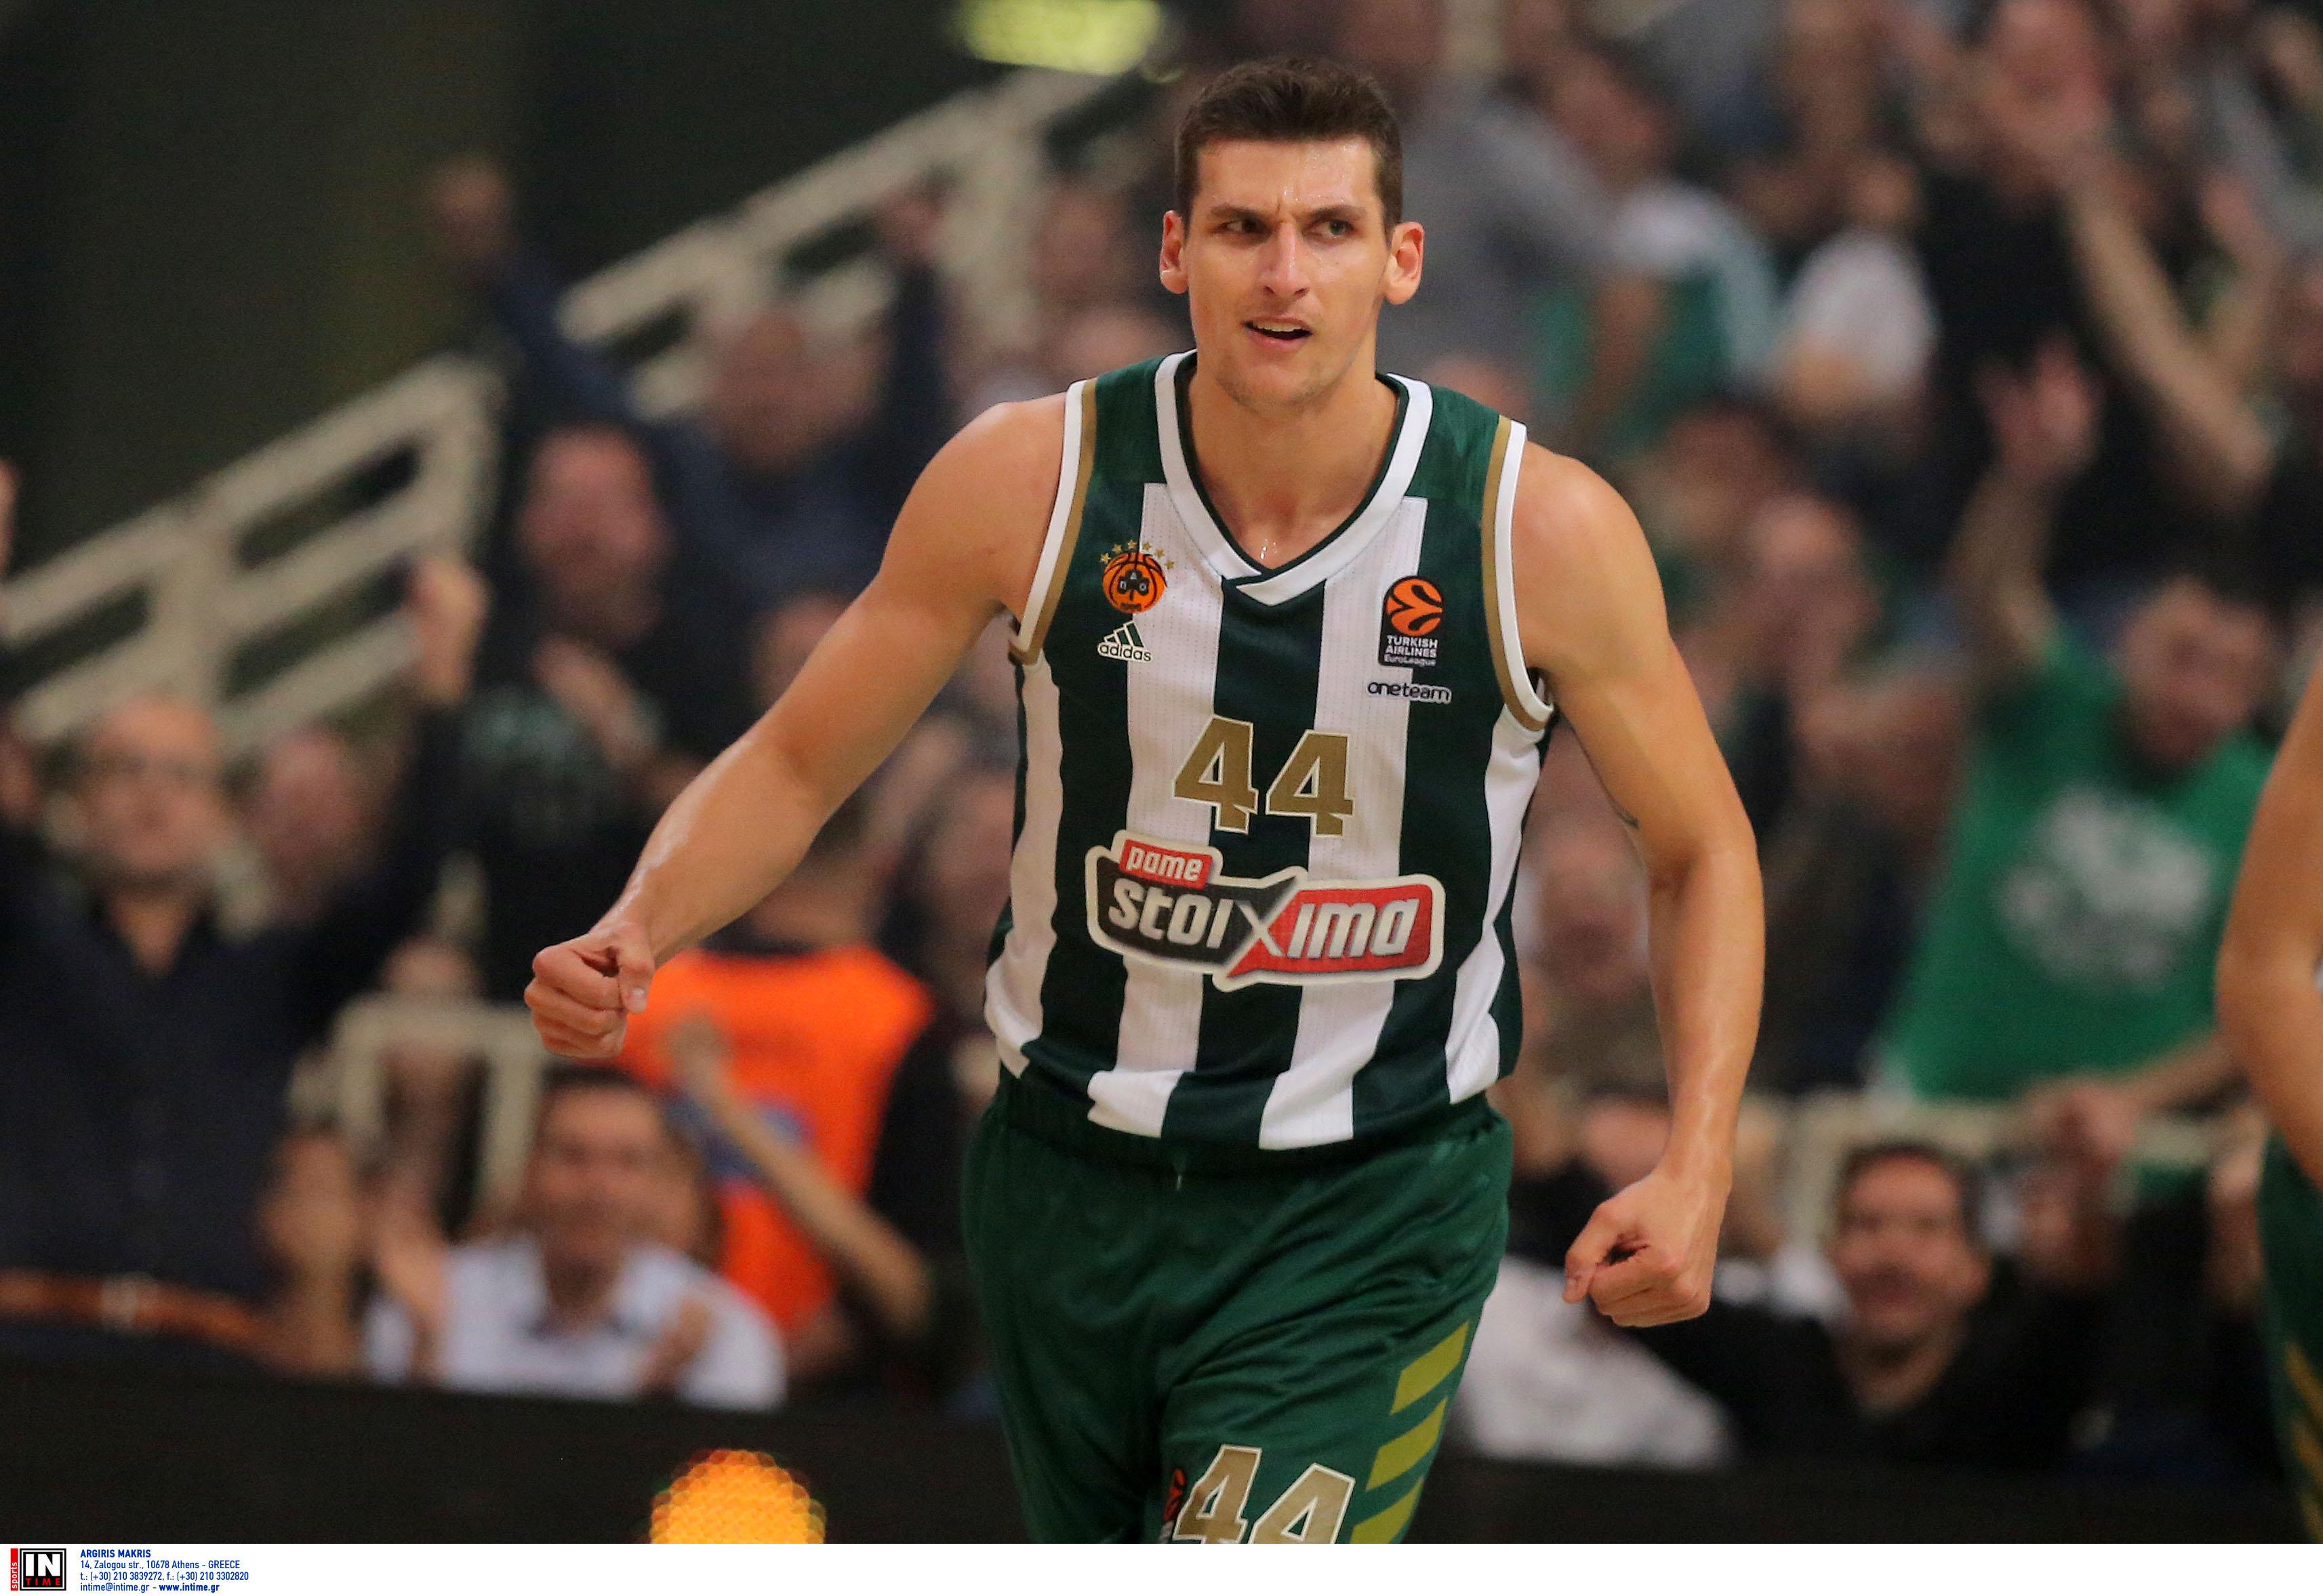 «Ο Ολυμπιακός πρότεινε τριετές συμβόλαιο στον Μήτογλου» λένε στο Ισραήλ